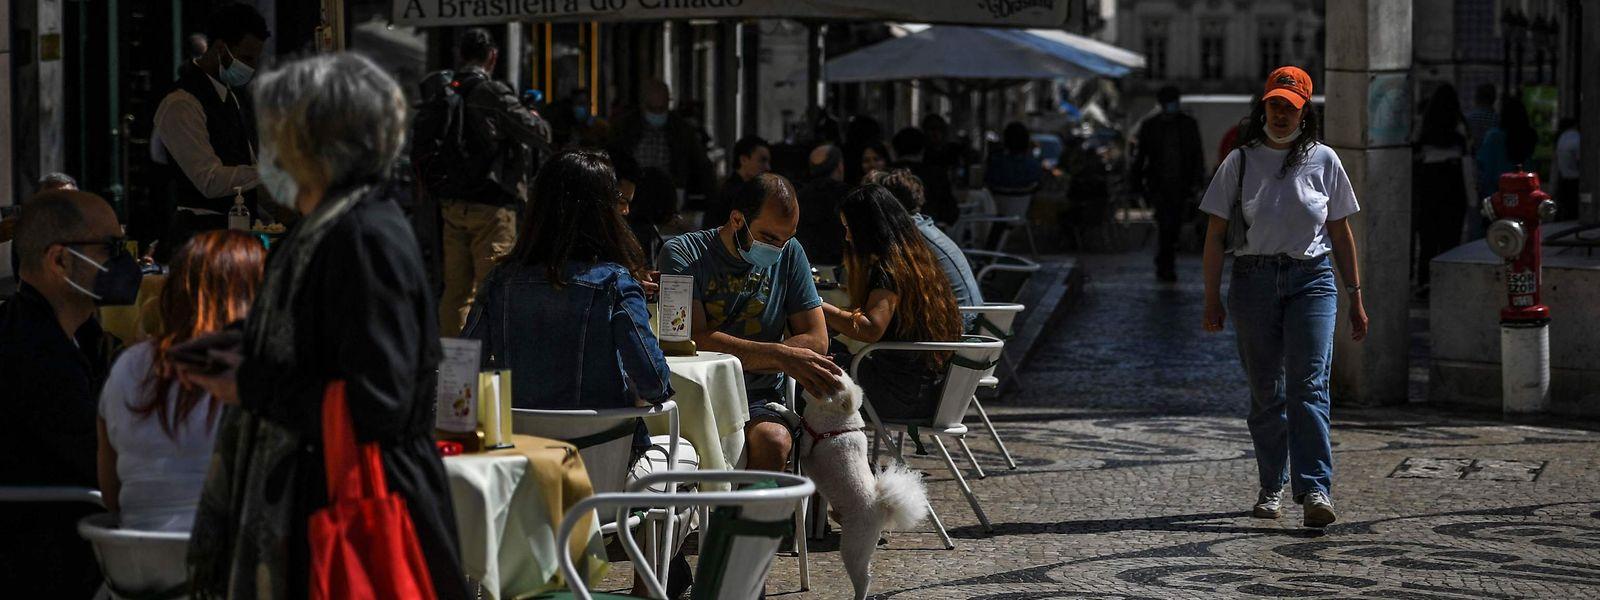 Seules les terrasses étaient jusqu'alors ouvertes, mais dès lundi, les restaurants et cafés pourront à nouveau accueillir des clients en intérieur.